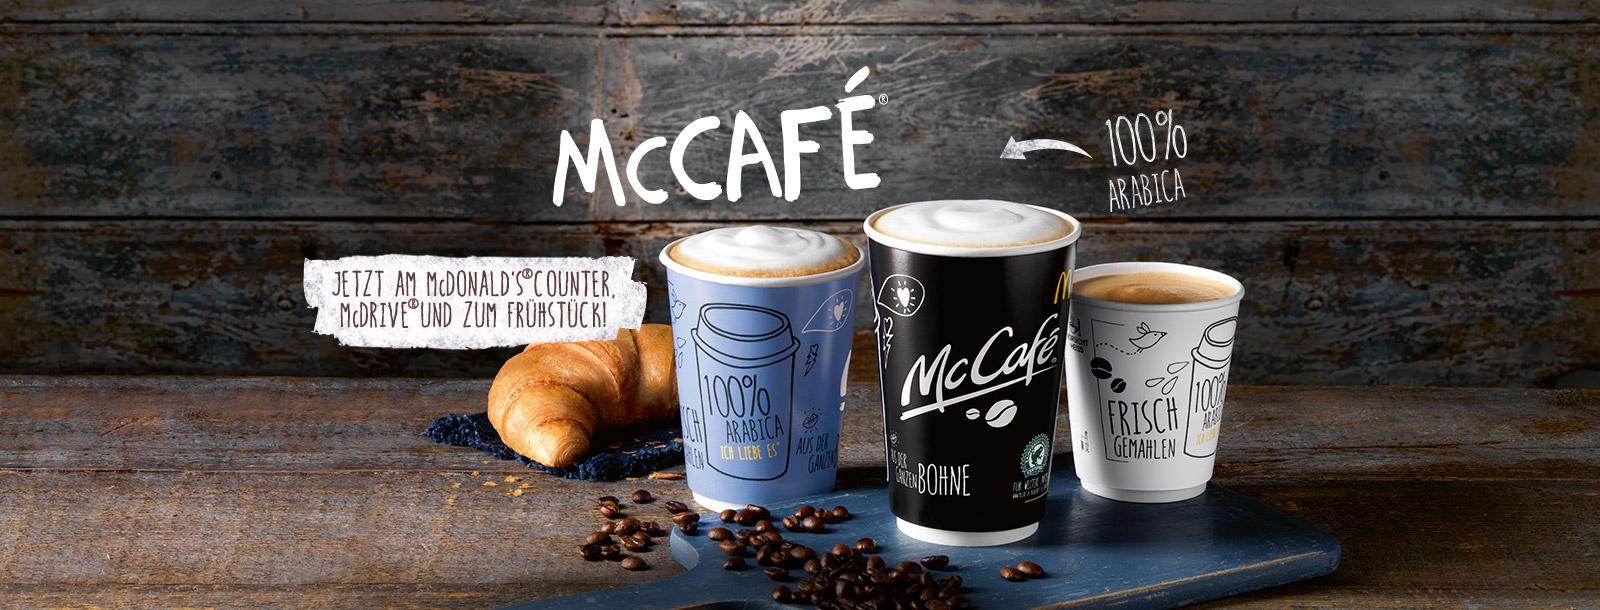 McDonald\'s - McCafé wo immer du willst